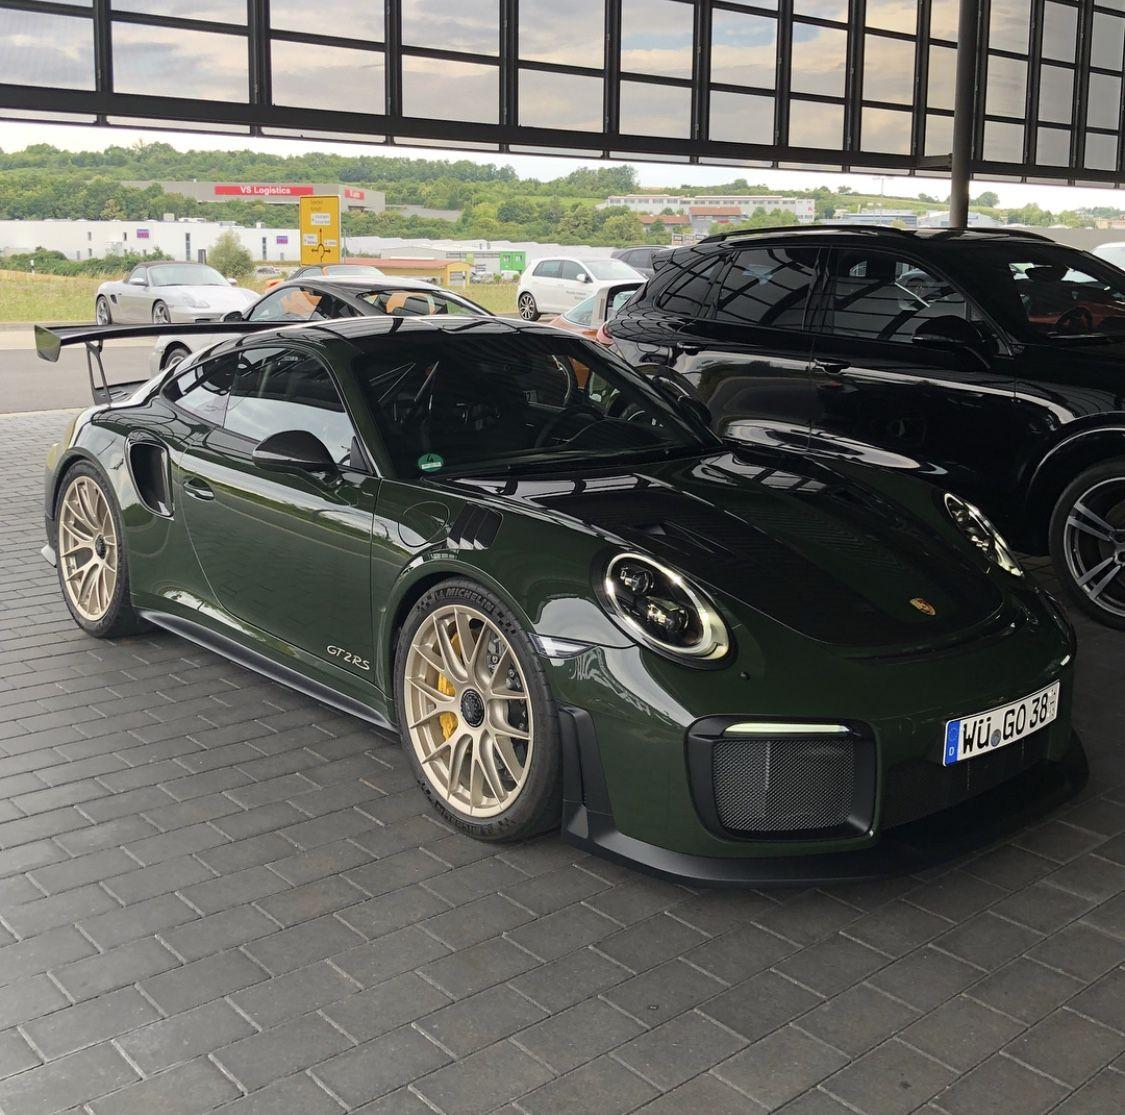 2018 Dark Green Porsche Gt2rs Porsche Cars Porsche Porsche Gt